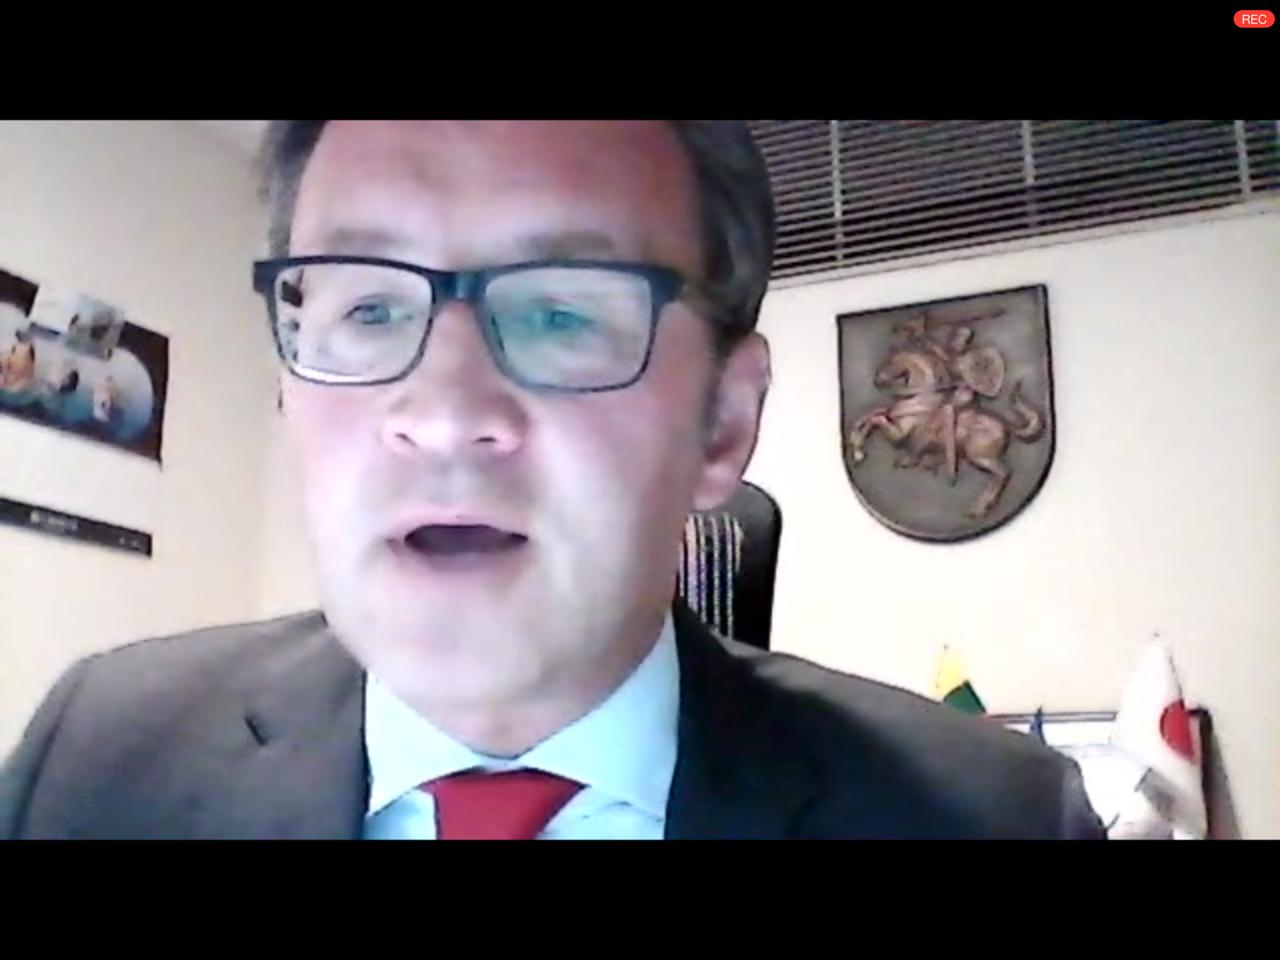 Zoomを通して祝辞を述べるリトアニアのゲディミナス・ヴァルヴォリス大使